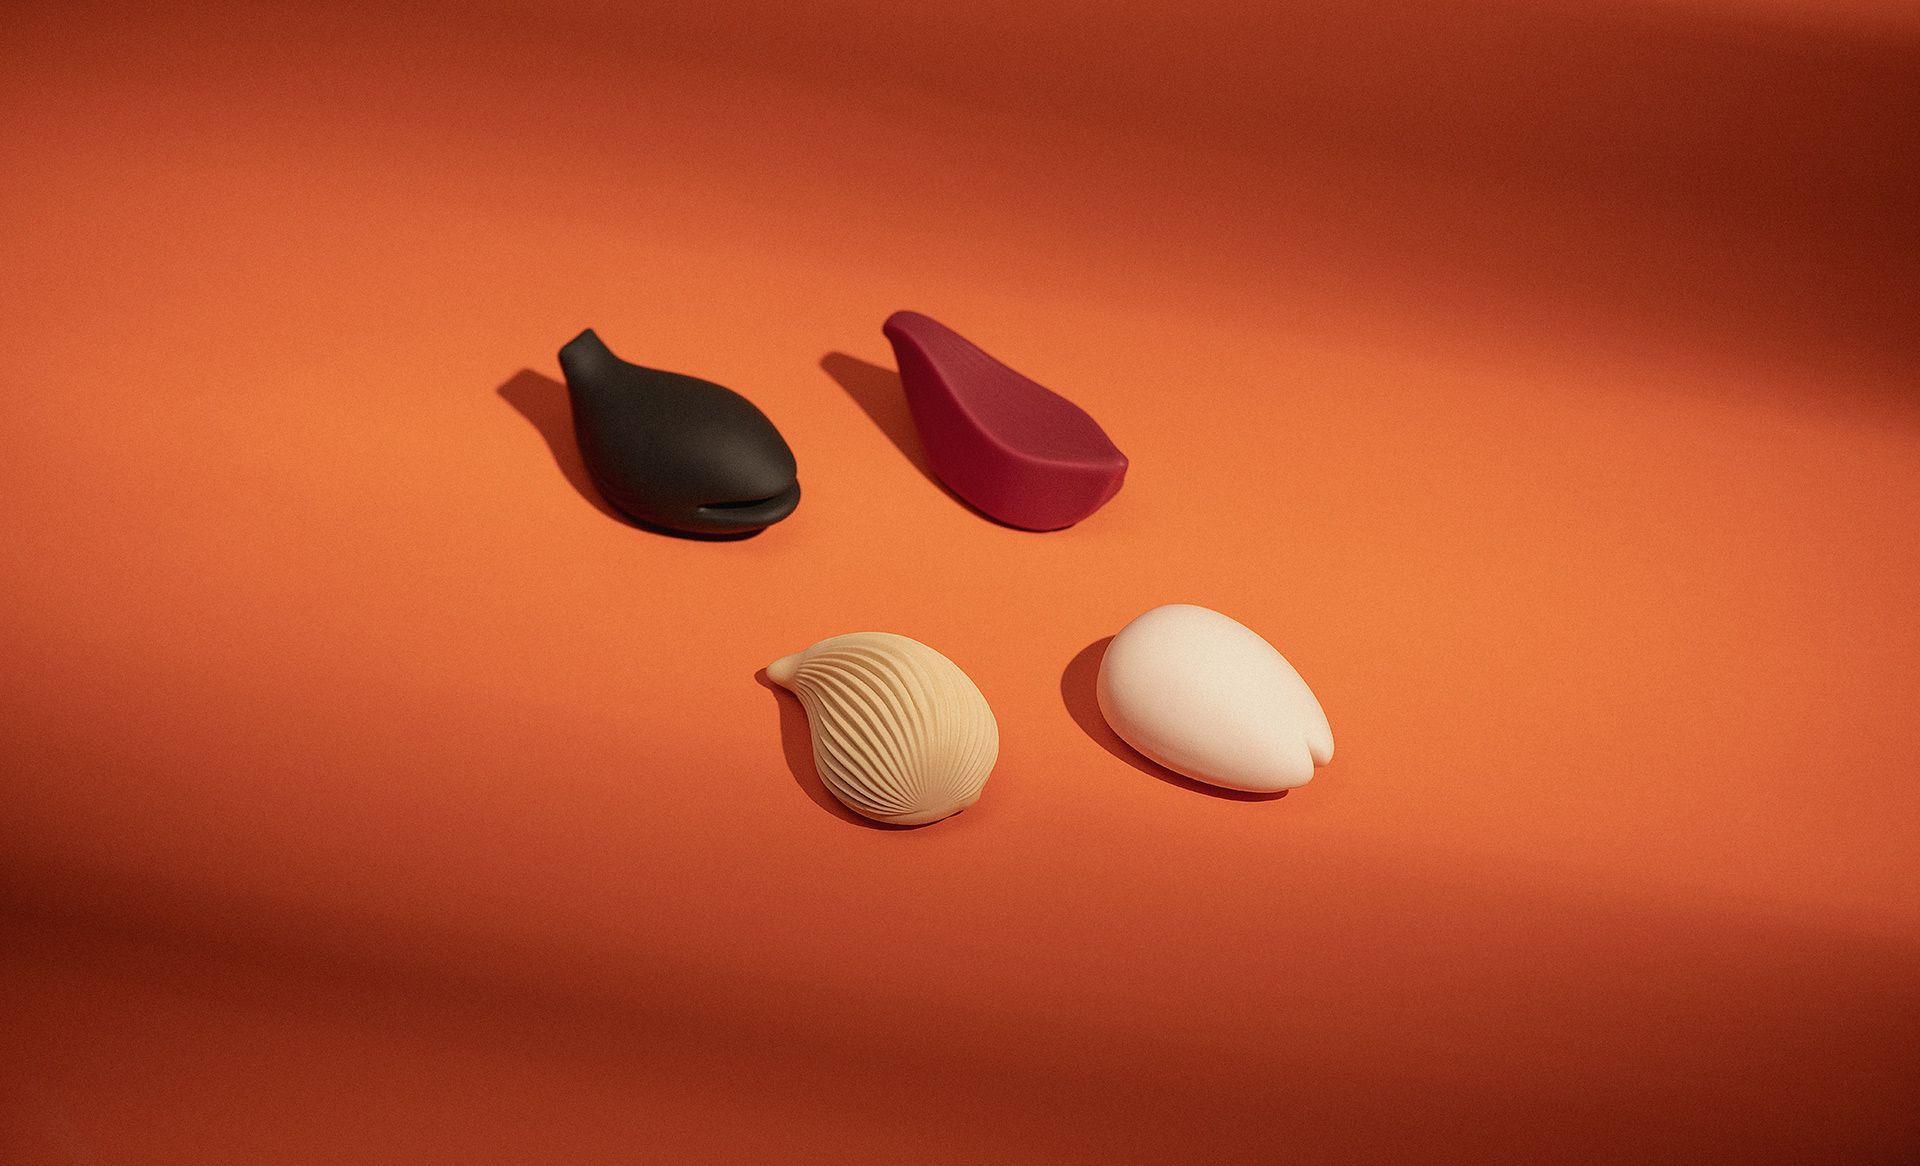 Iroha kushi Japan clitoral vibrators on an orange background.